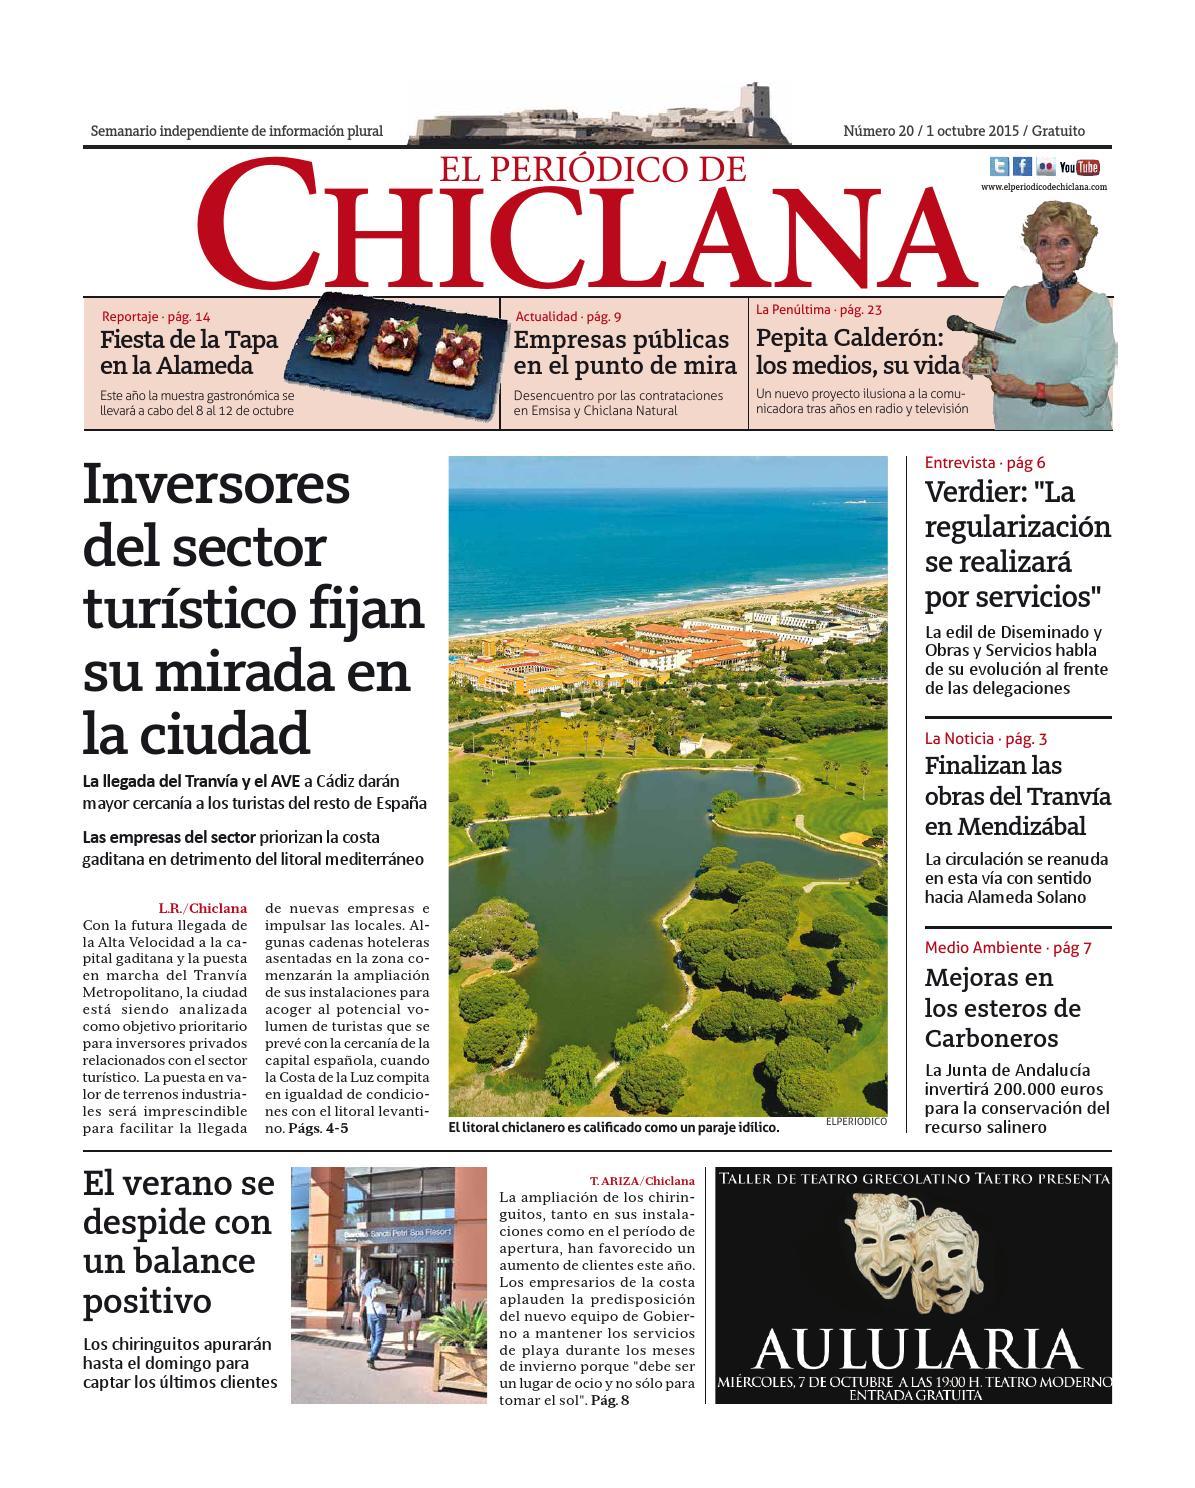 El Periódico de Chiclana nº20 by El Periódico de Chiclana - issuu